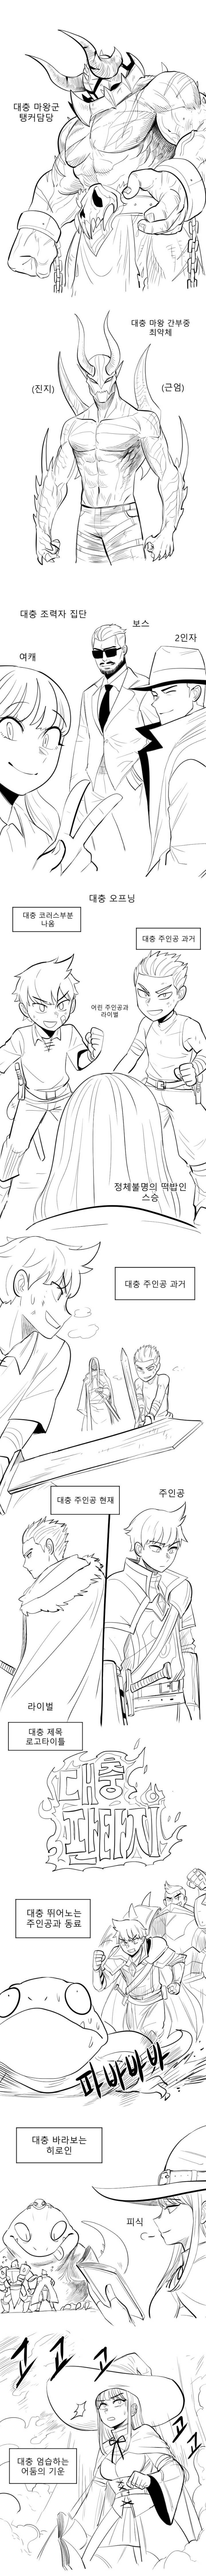 대충 흔해빠진 판타지 애니 만화.manhwa | 인스티즈